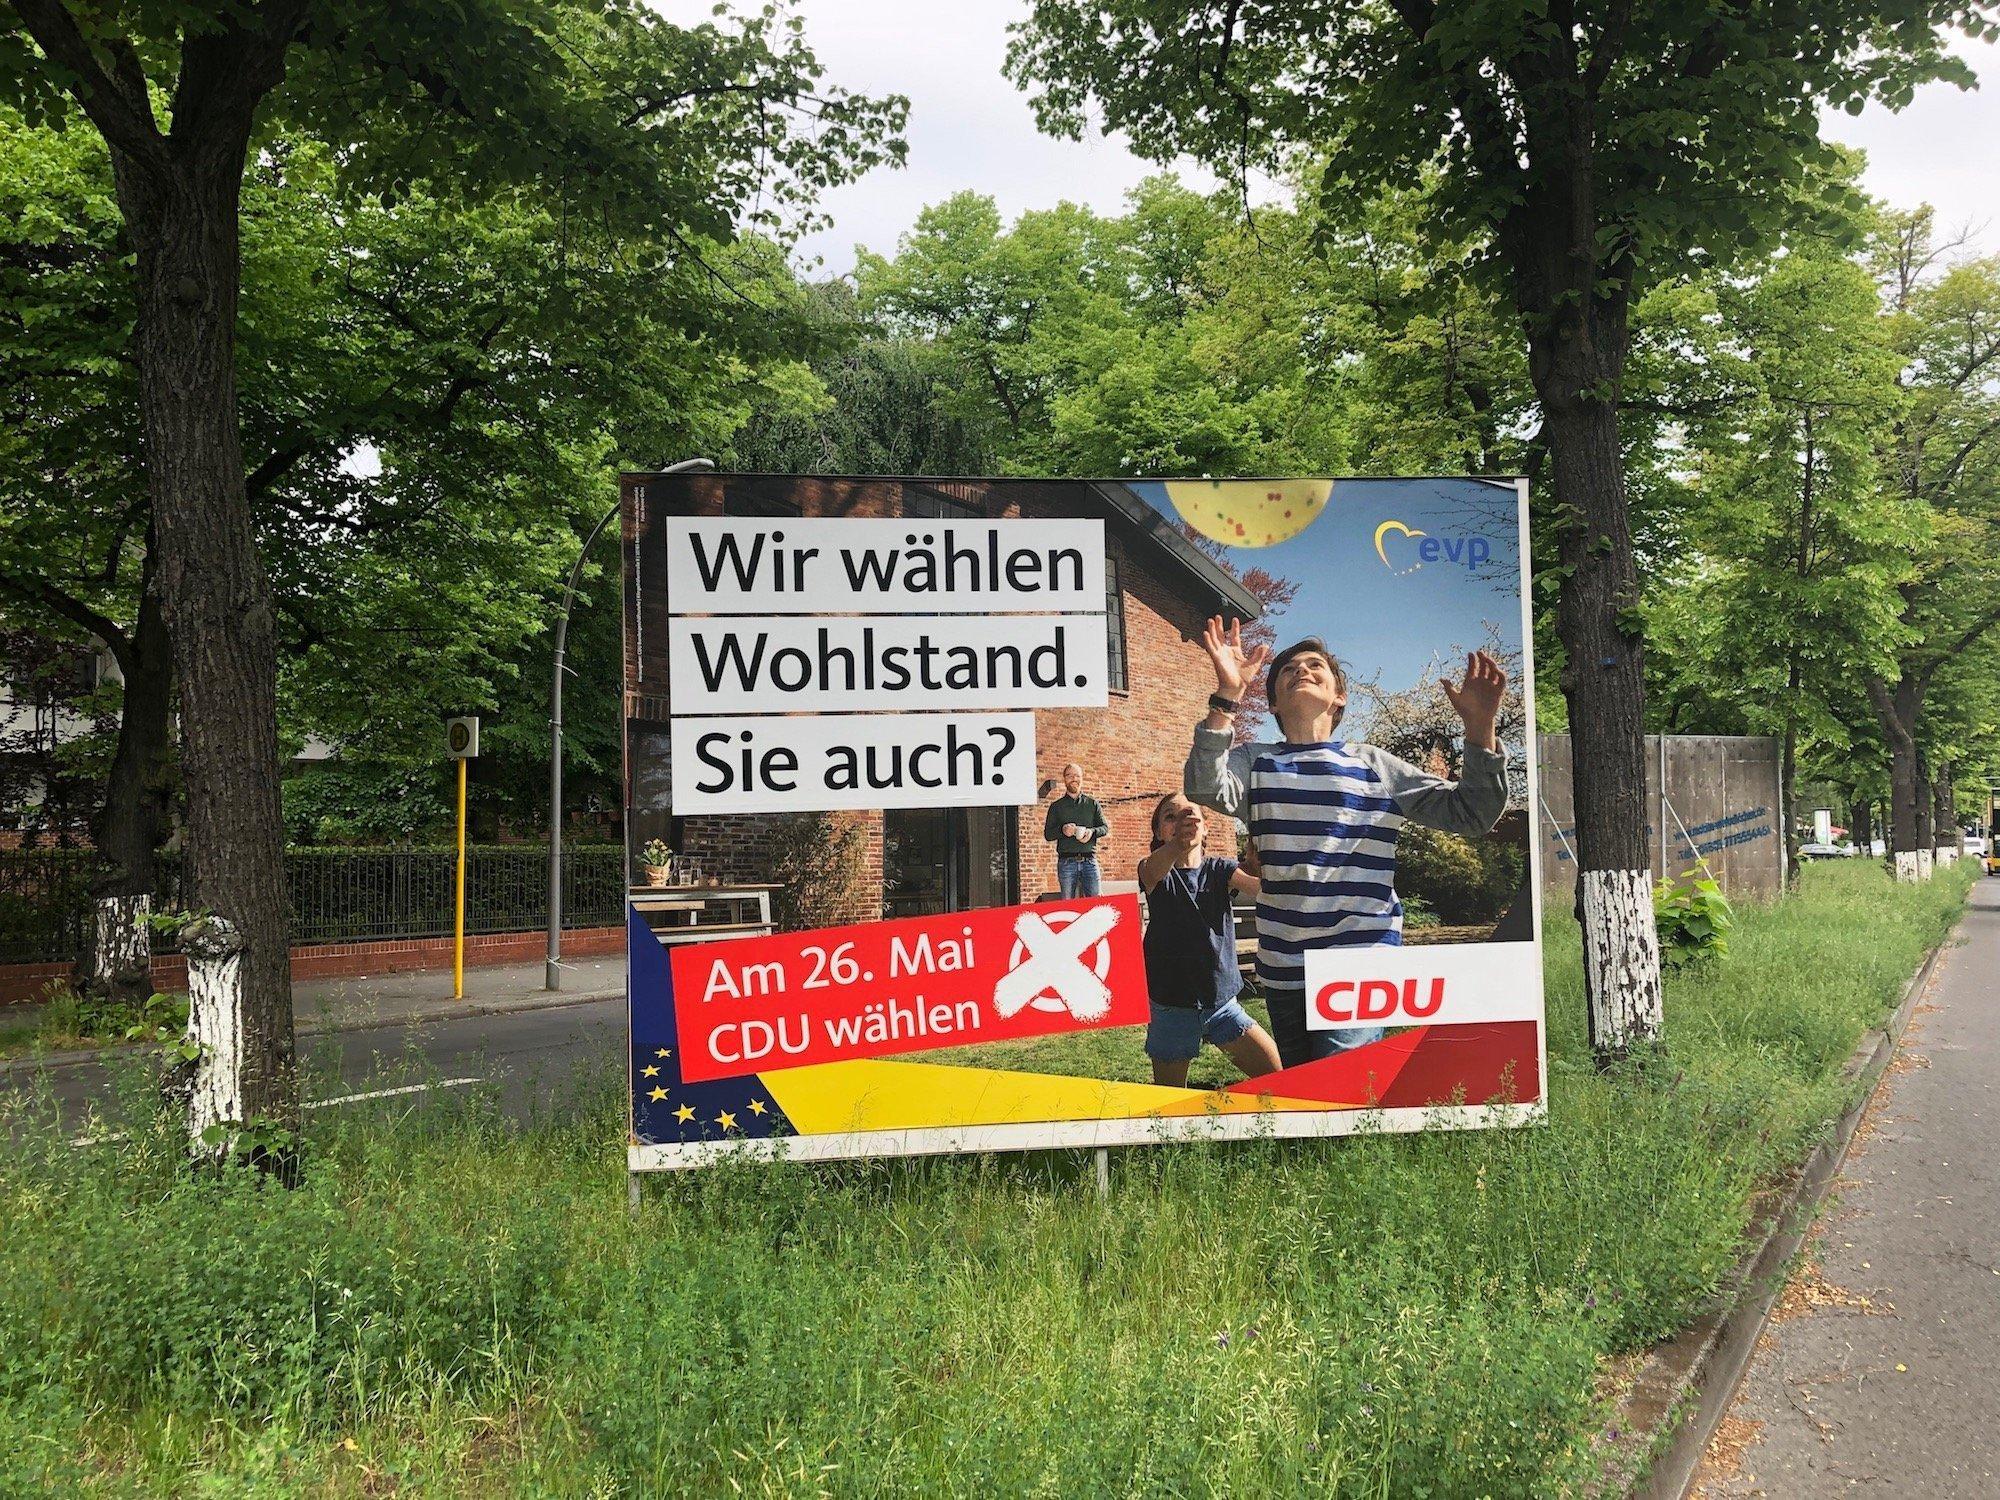 """Großes Wahlplakat der CDU am Straßenrand mit der Aufschrift """"Wir wählen Wohlstand. Sie auch?""""."""